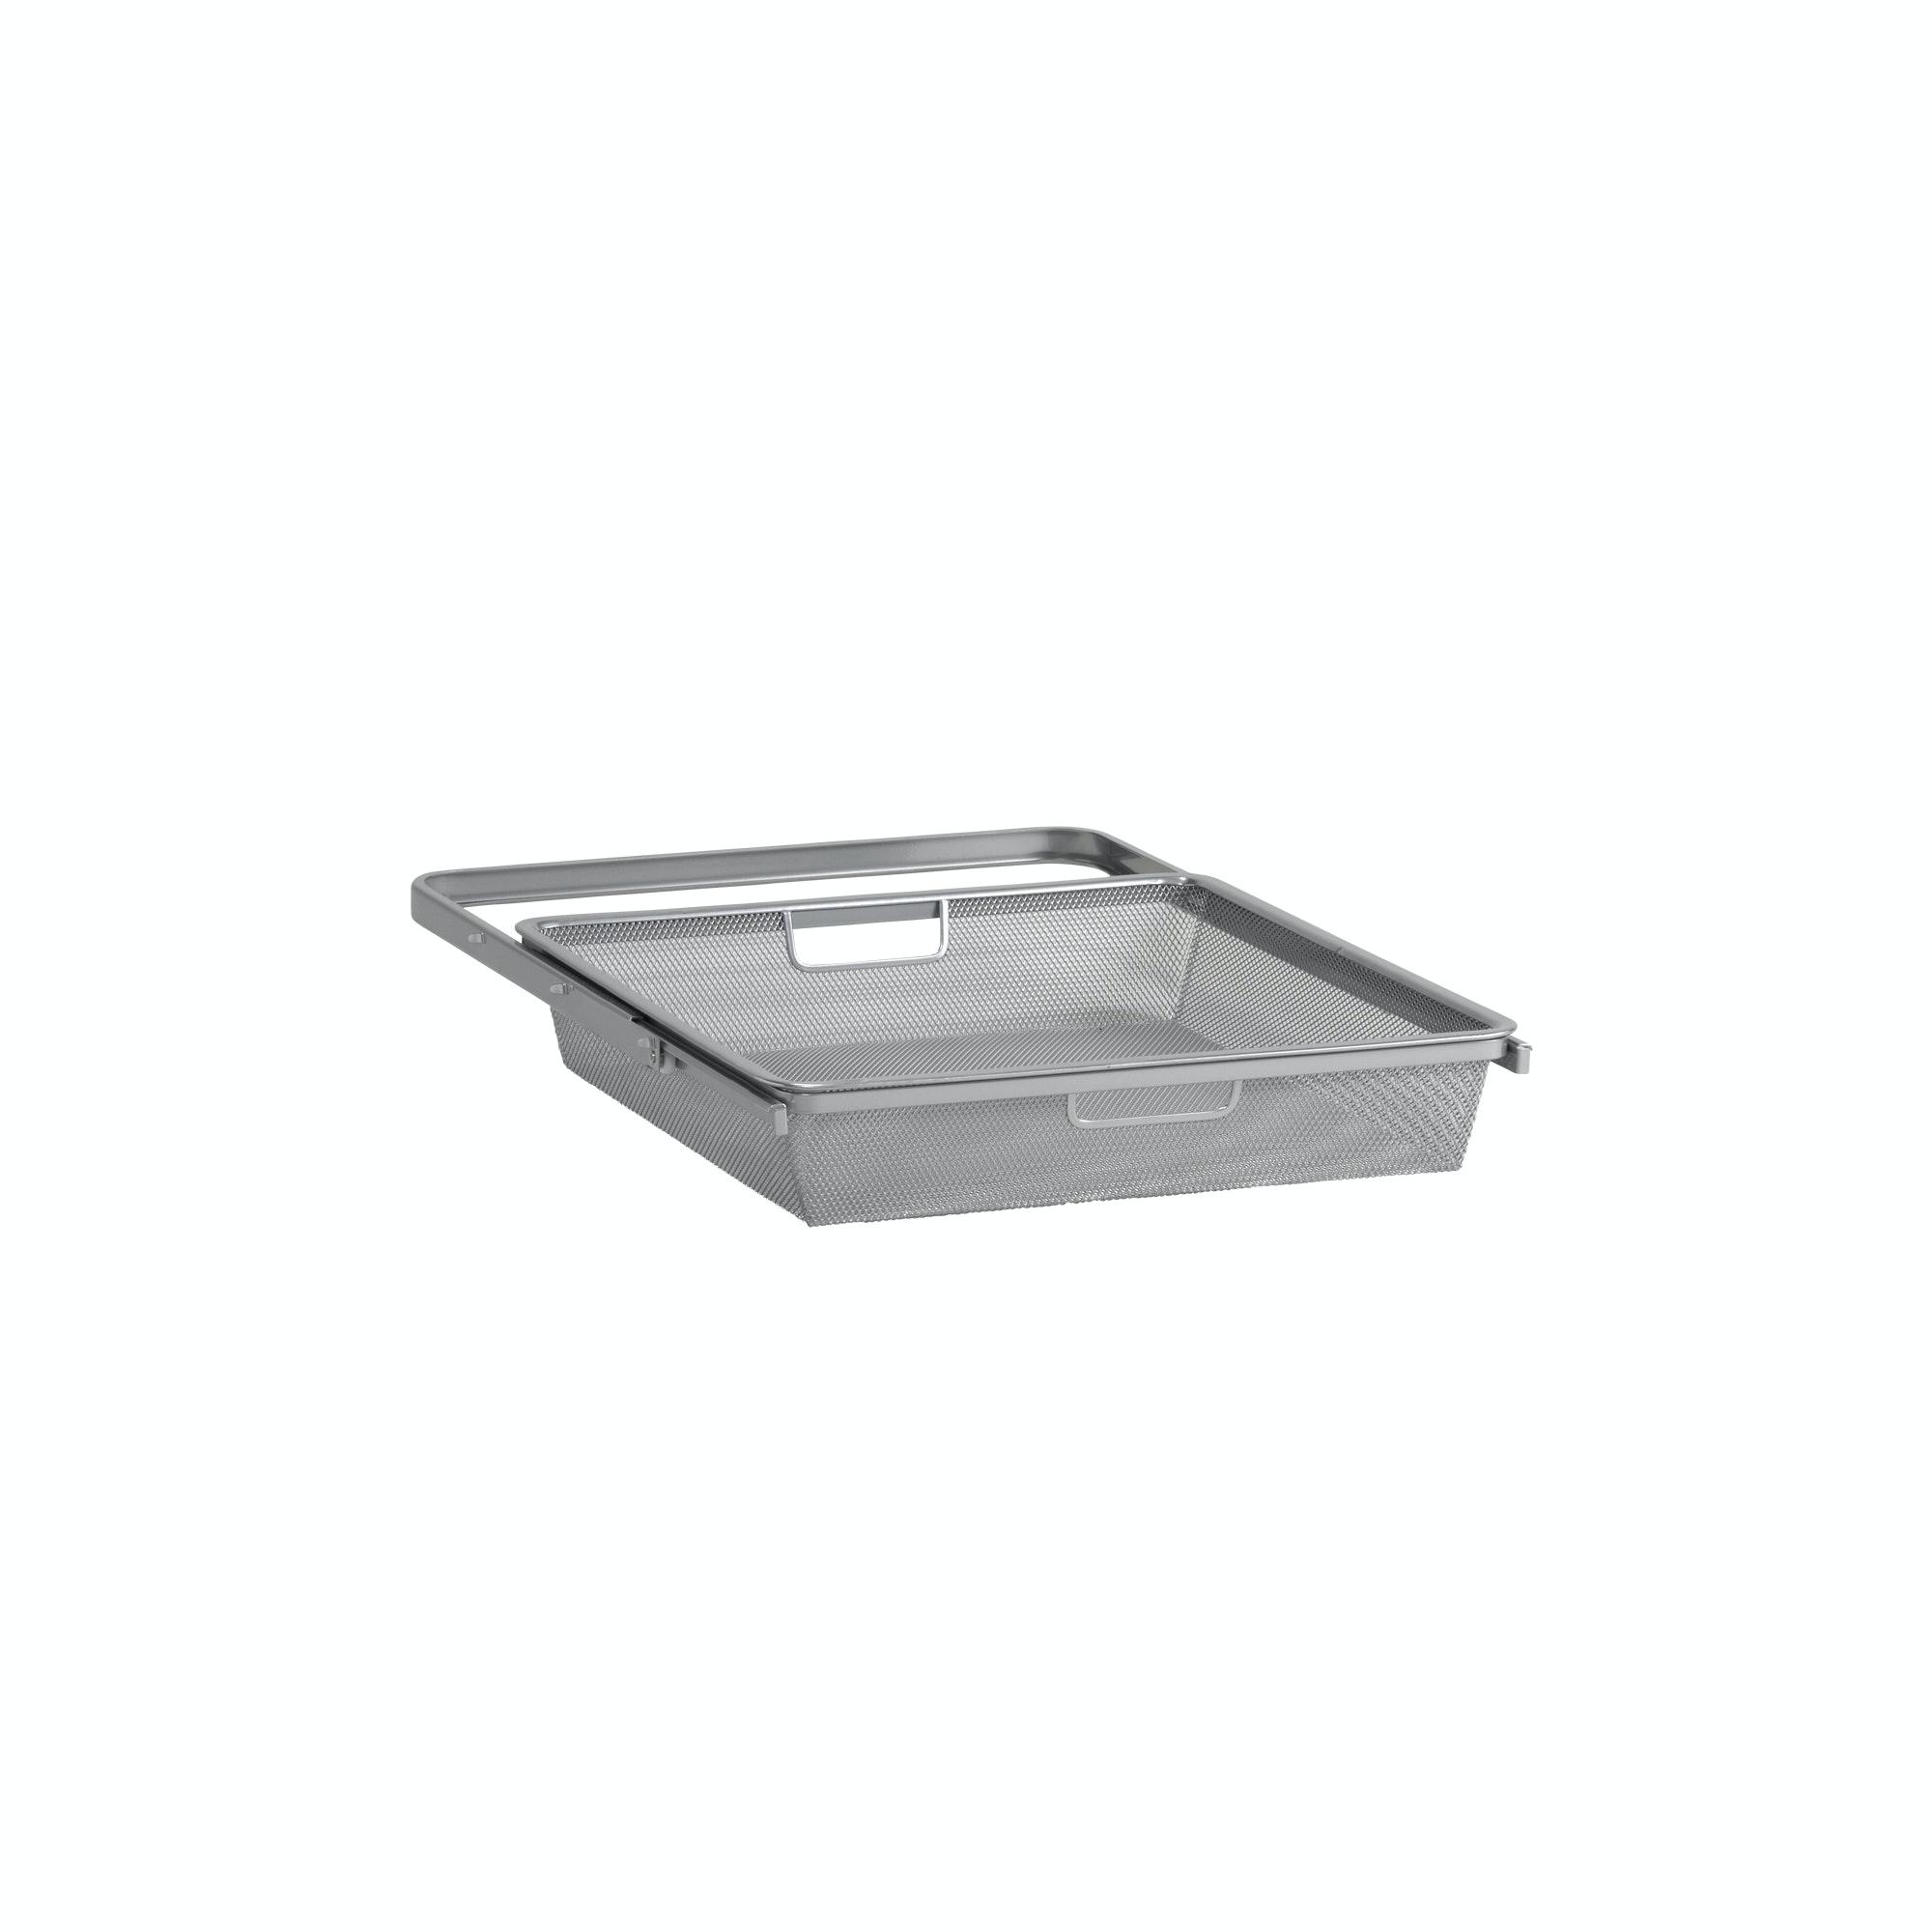 Mesh-Back Elfa Med utdragsram 450x85mm platinum